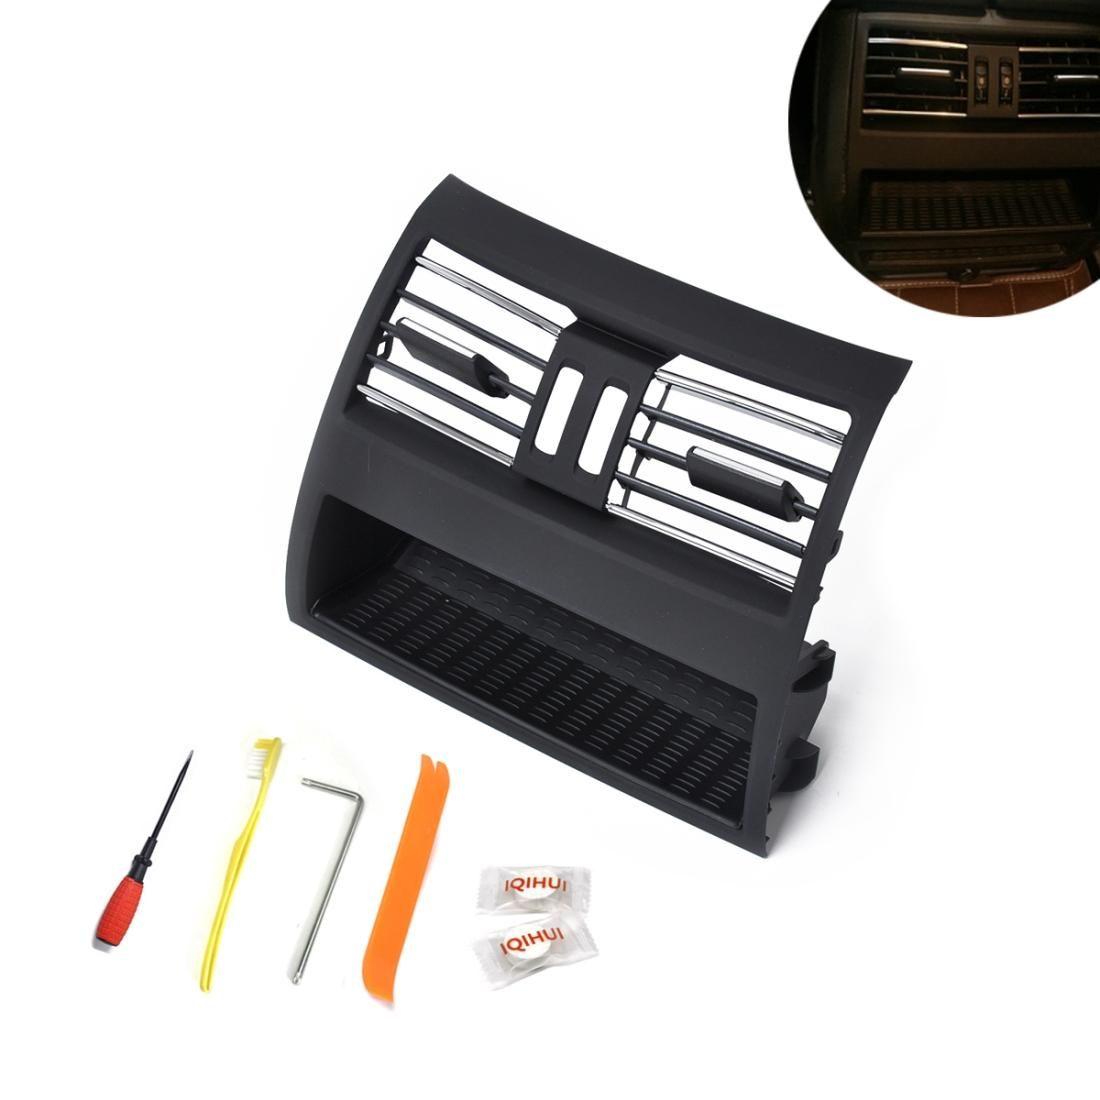 Console de voiture Console arrière Grill Dash AR Vent d'air 64229172167 pour BMW 5 Série avec outils d'installation